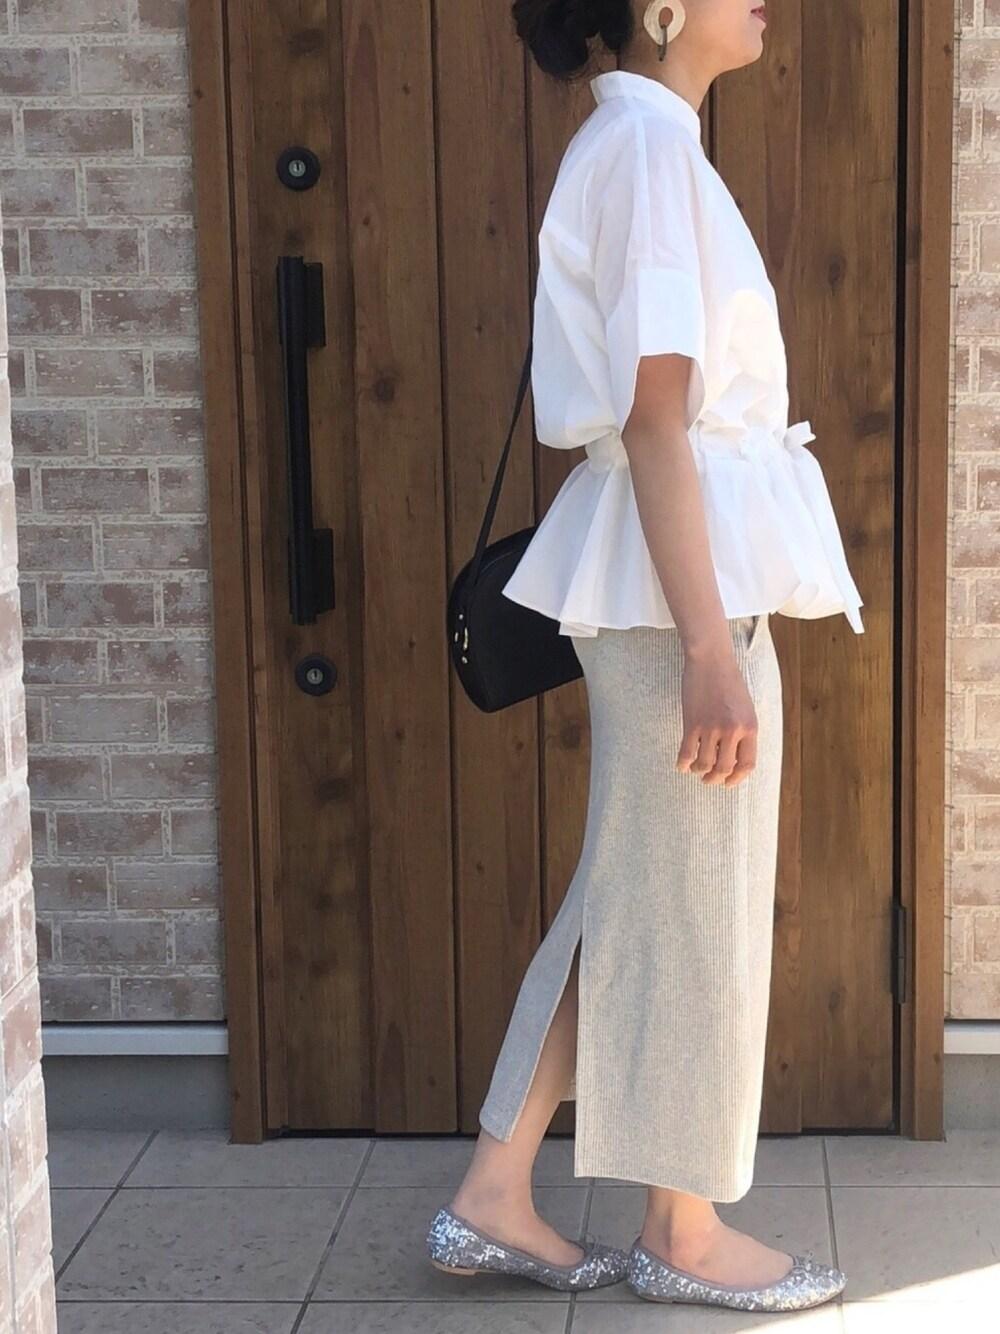 爽やか ファッション ママコーデ 30代 おしゃれ シャツ